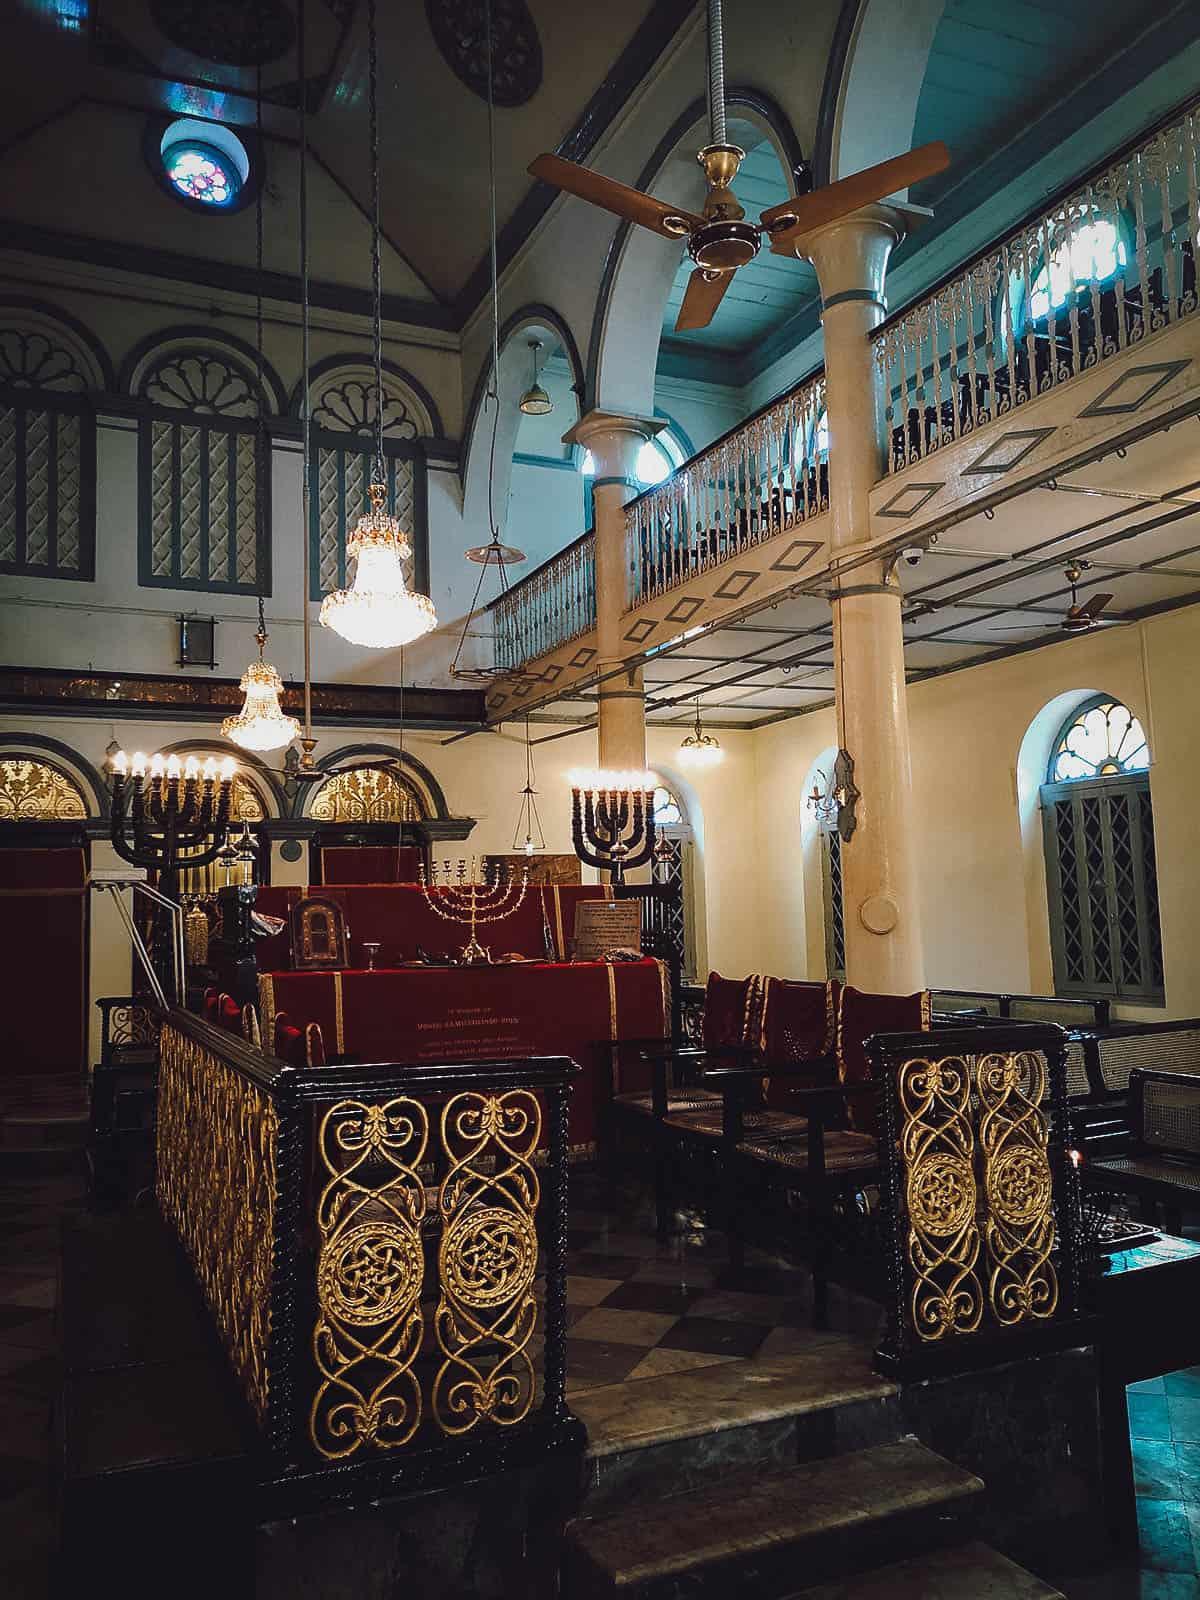 Musmeah Yeshua Synagogue, Yangon, Myanmar